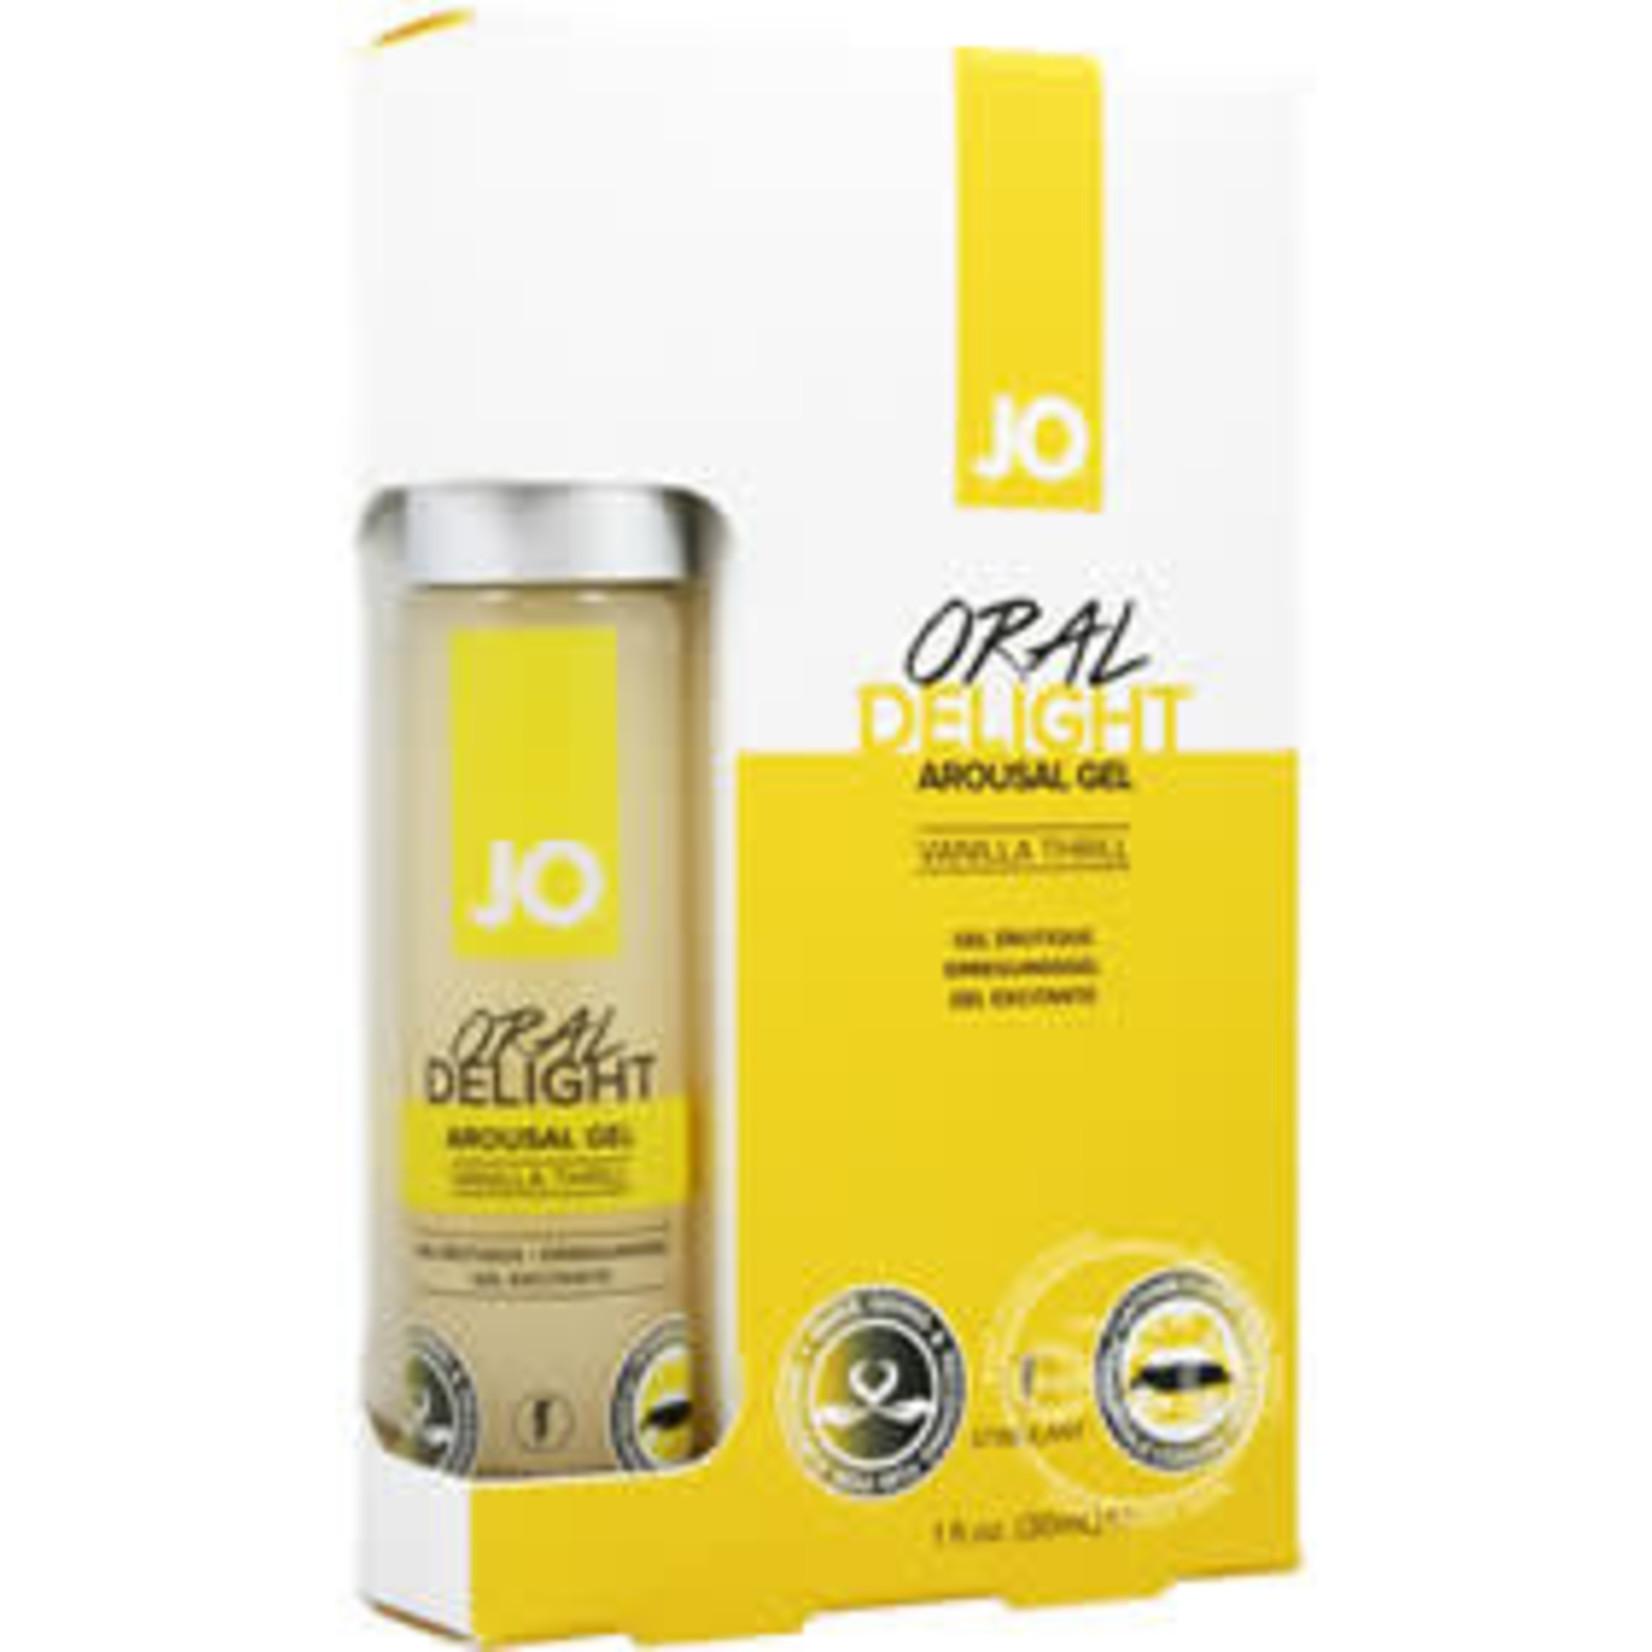 JO Oral Delight Flavored Arousal Gel Vanilla Thrill 1oz